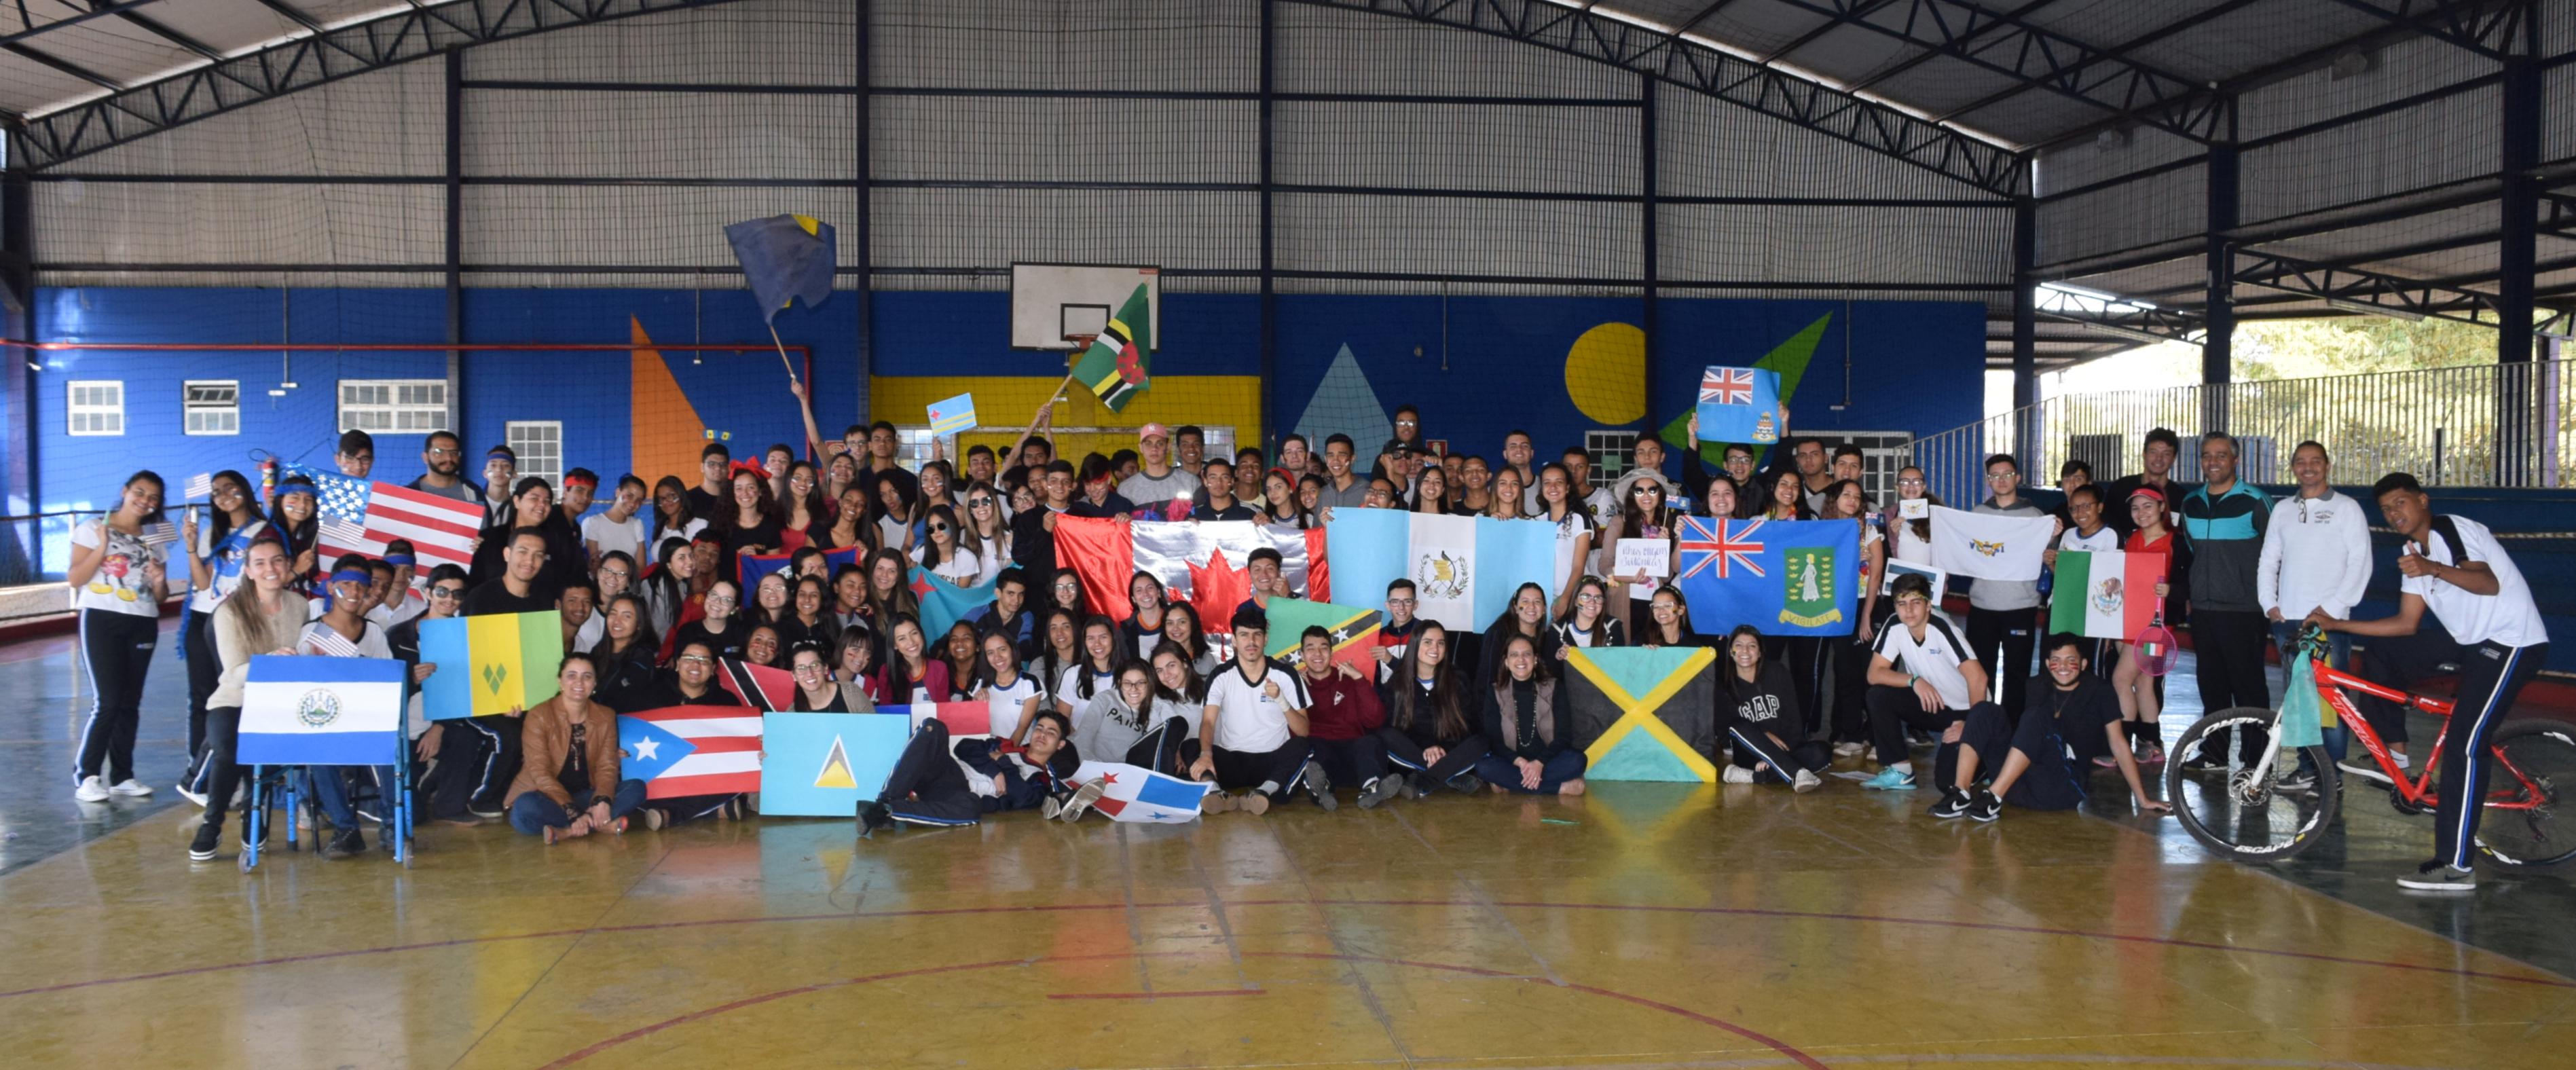 CET promove atividade inspirada nos Jogos Pan-Americanos